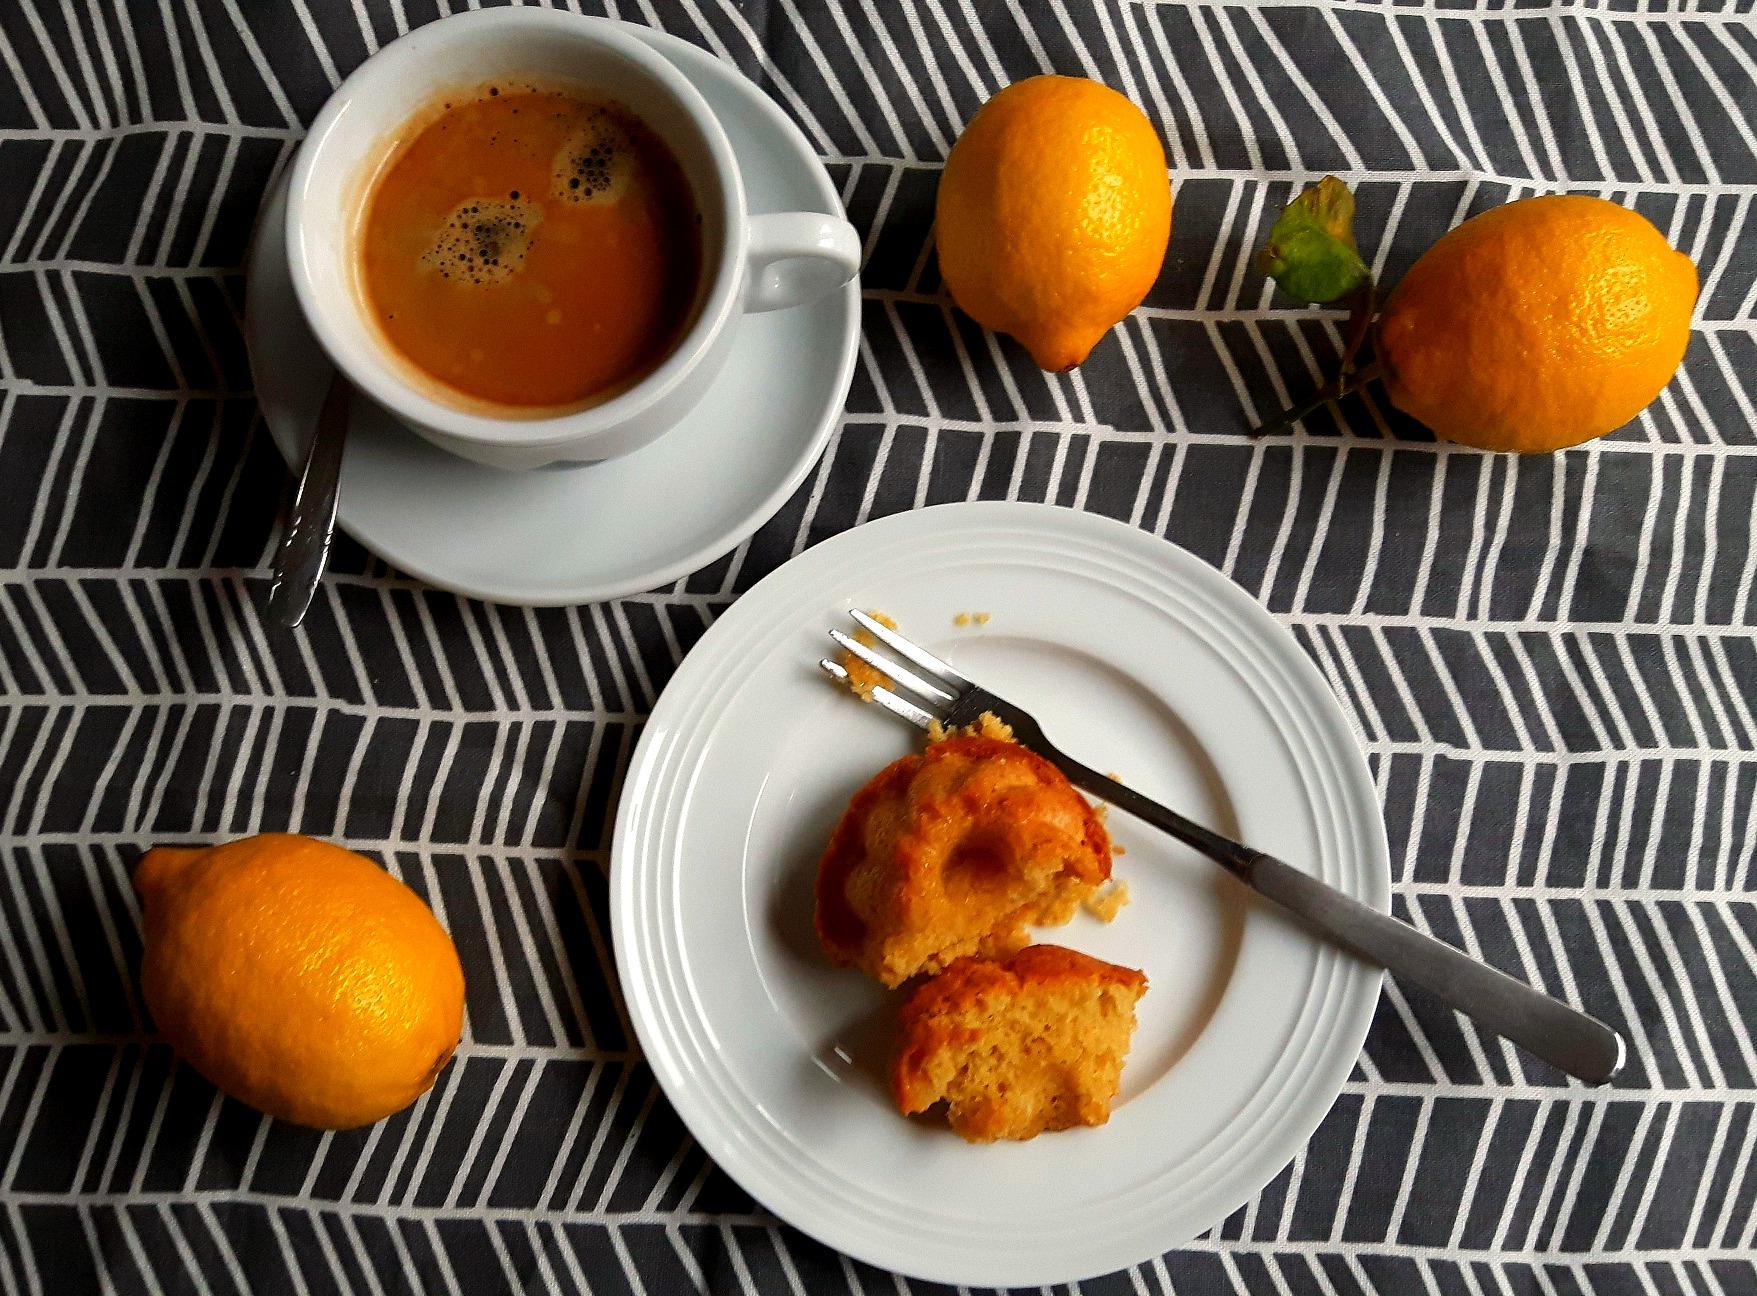 Savoare dulce-acrișoară: mini prăjituri cu lămâie